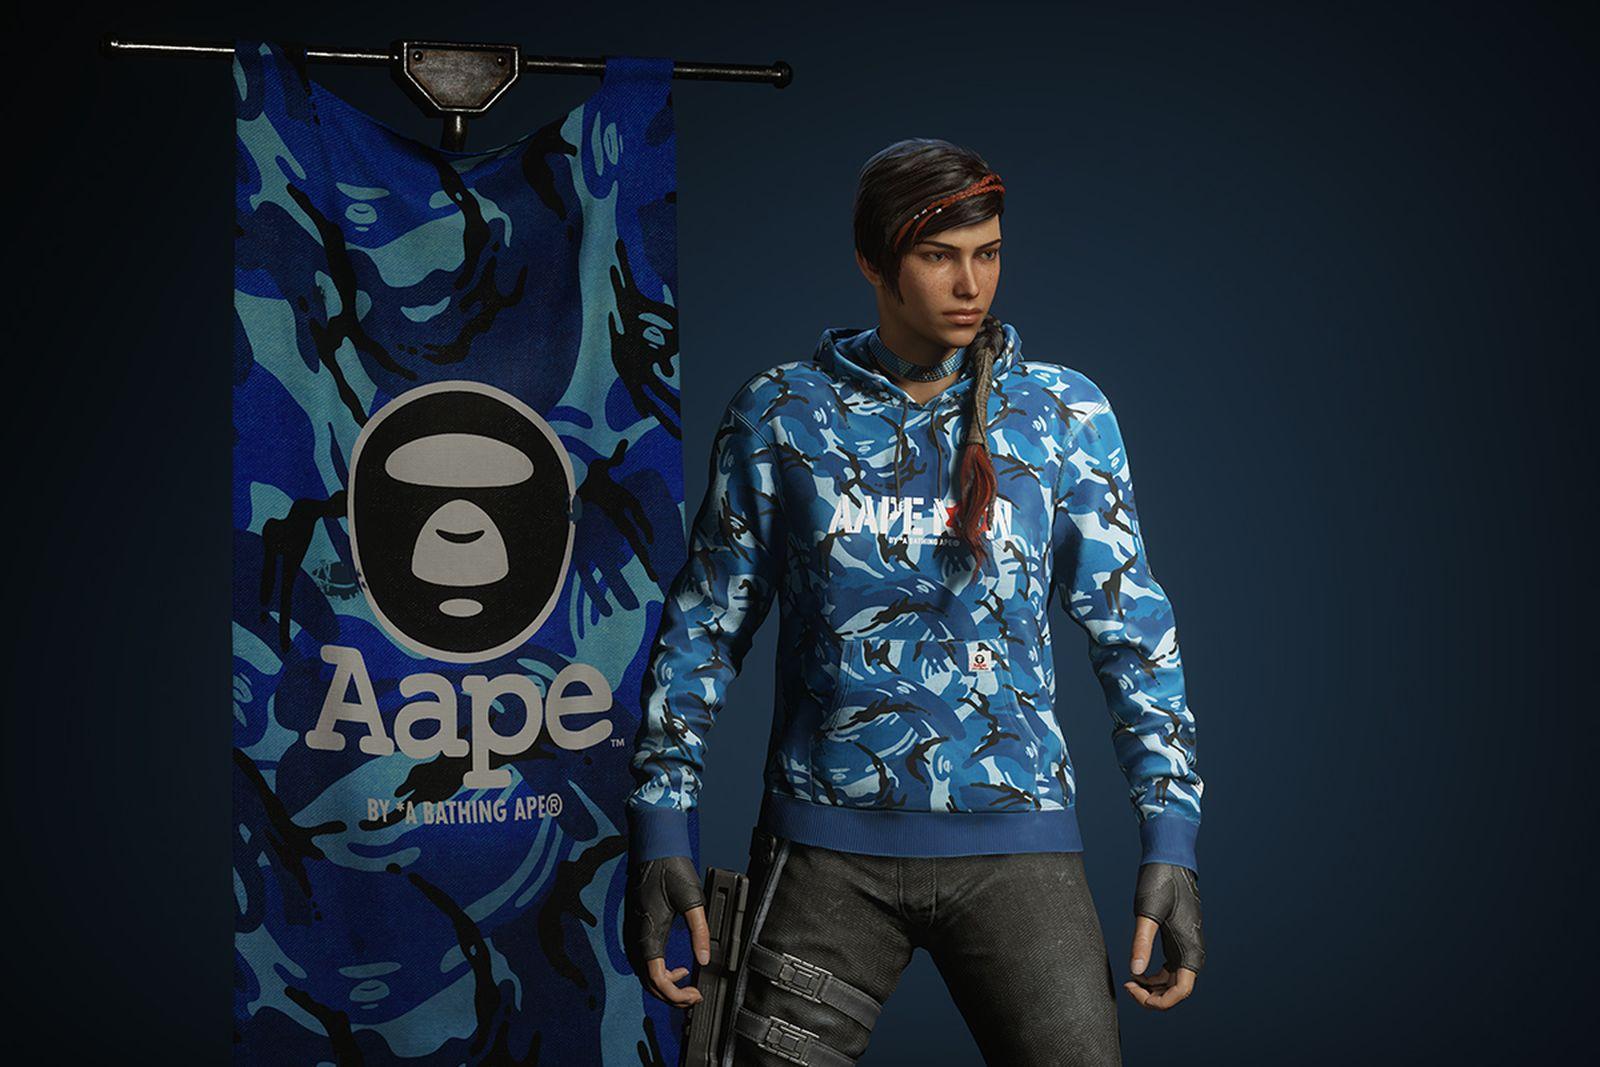 gears 5 aape bathing ape streetwear gaming interview Gears of War microsoft xbox